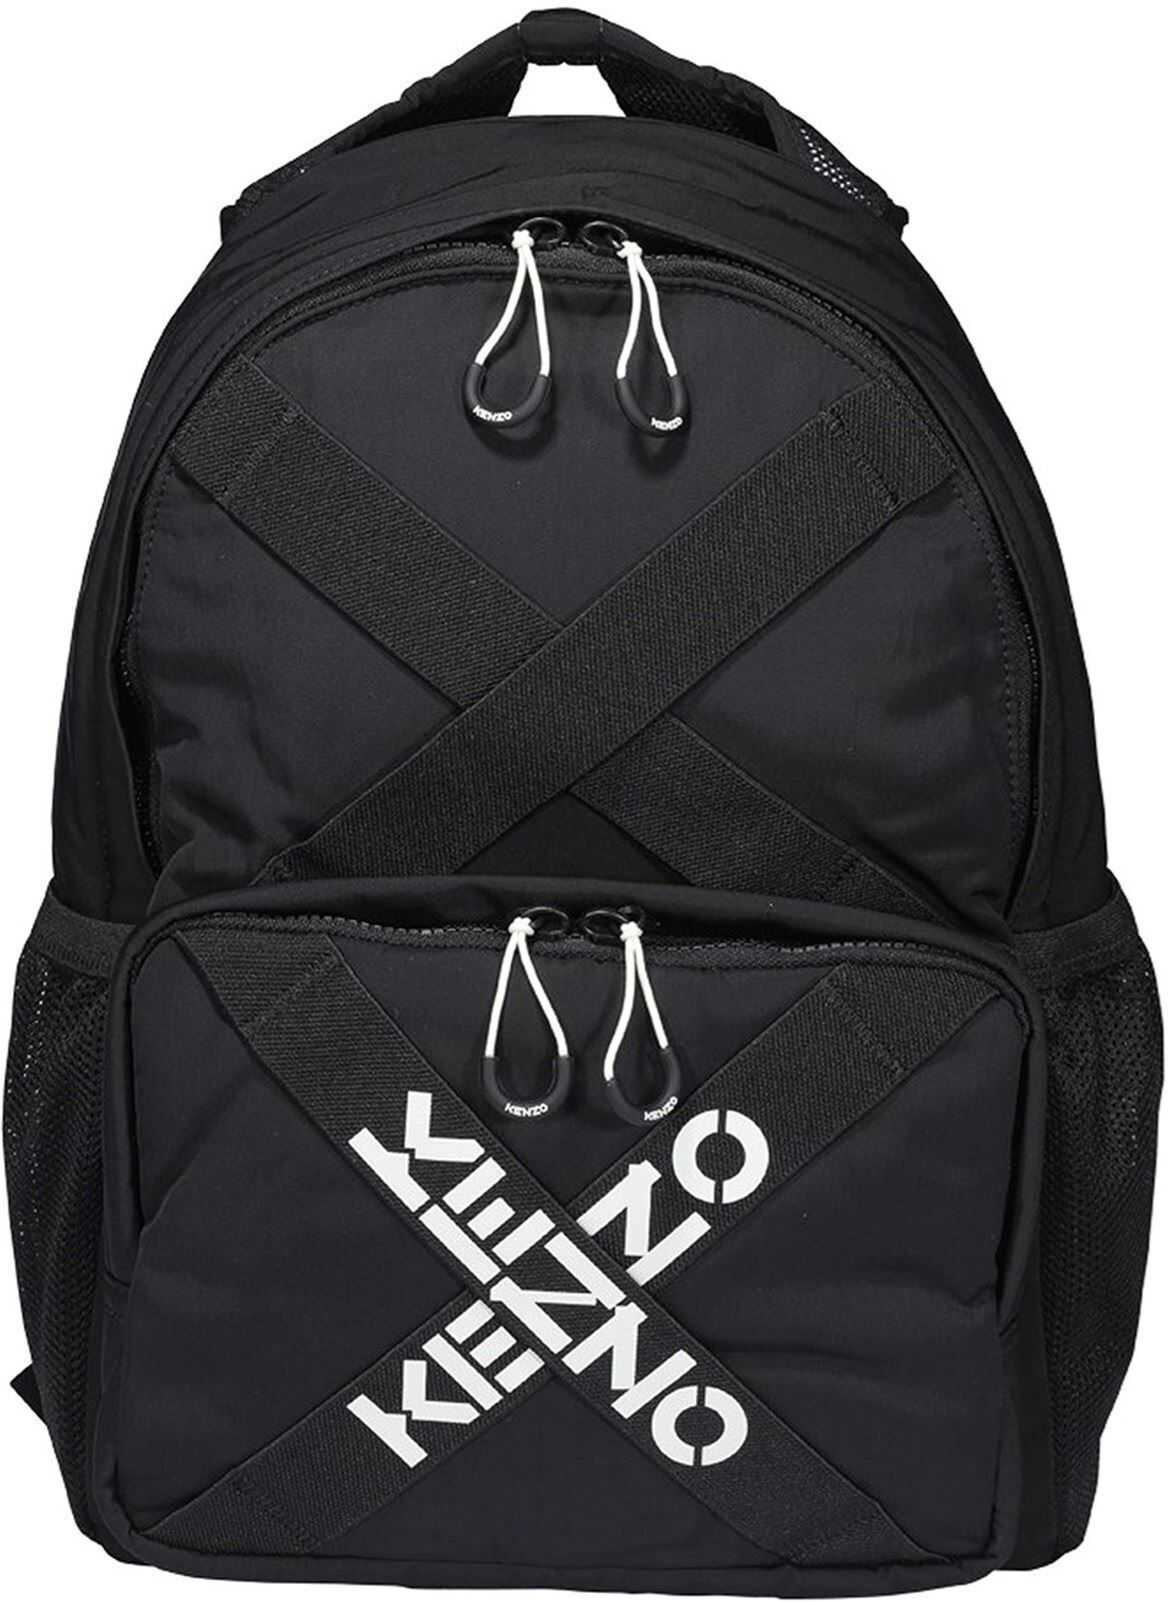 Kenzo Tech Fabric Backpack In Black FA65SA213F2199 Black imagine b-mall.ro